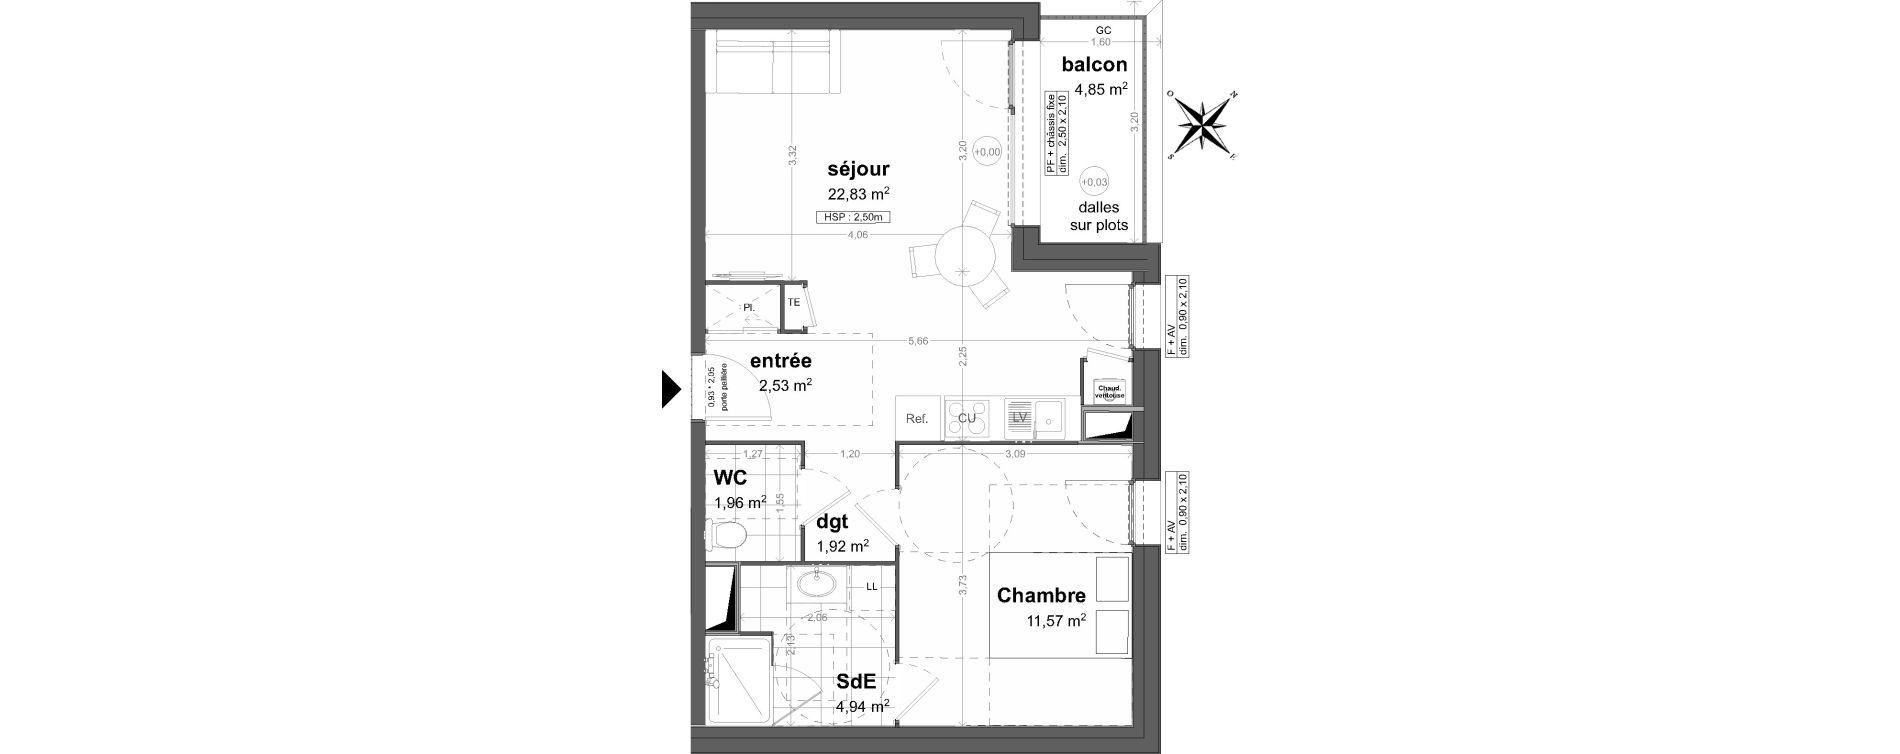 Appartement T2 de 45,75 m2 à Saint-Malo Saint-servan - solidor